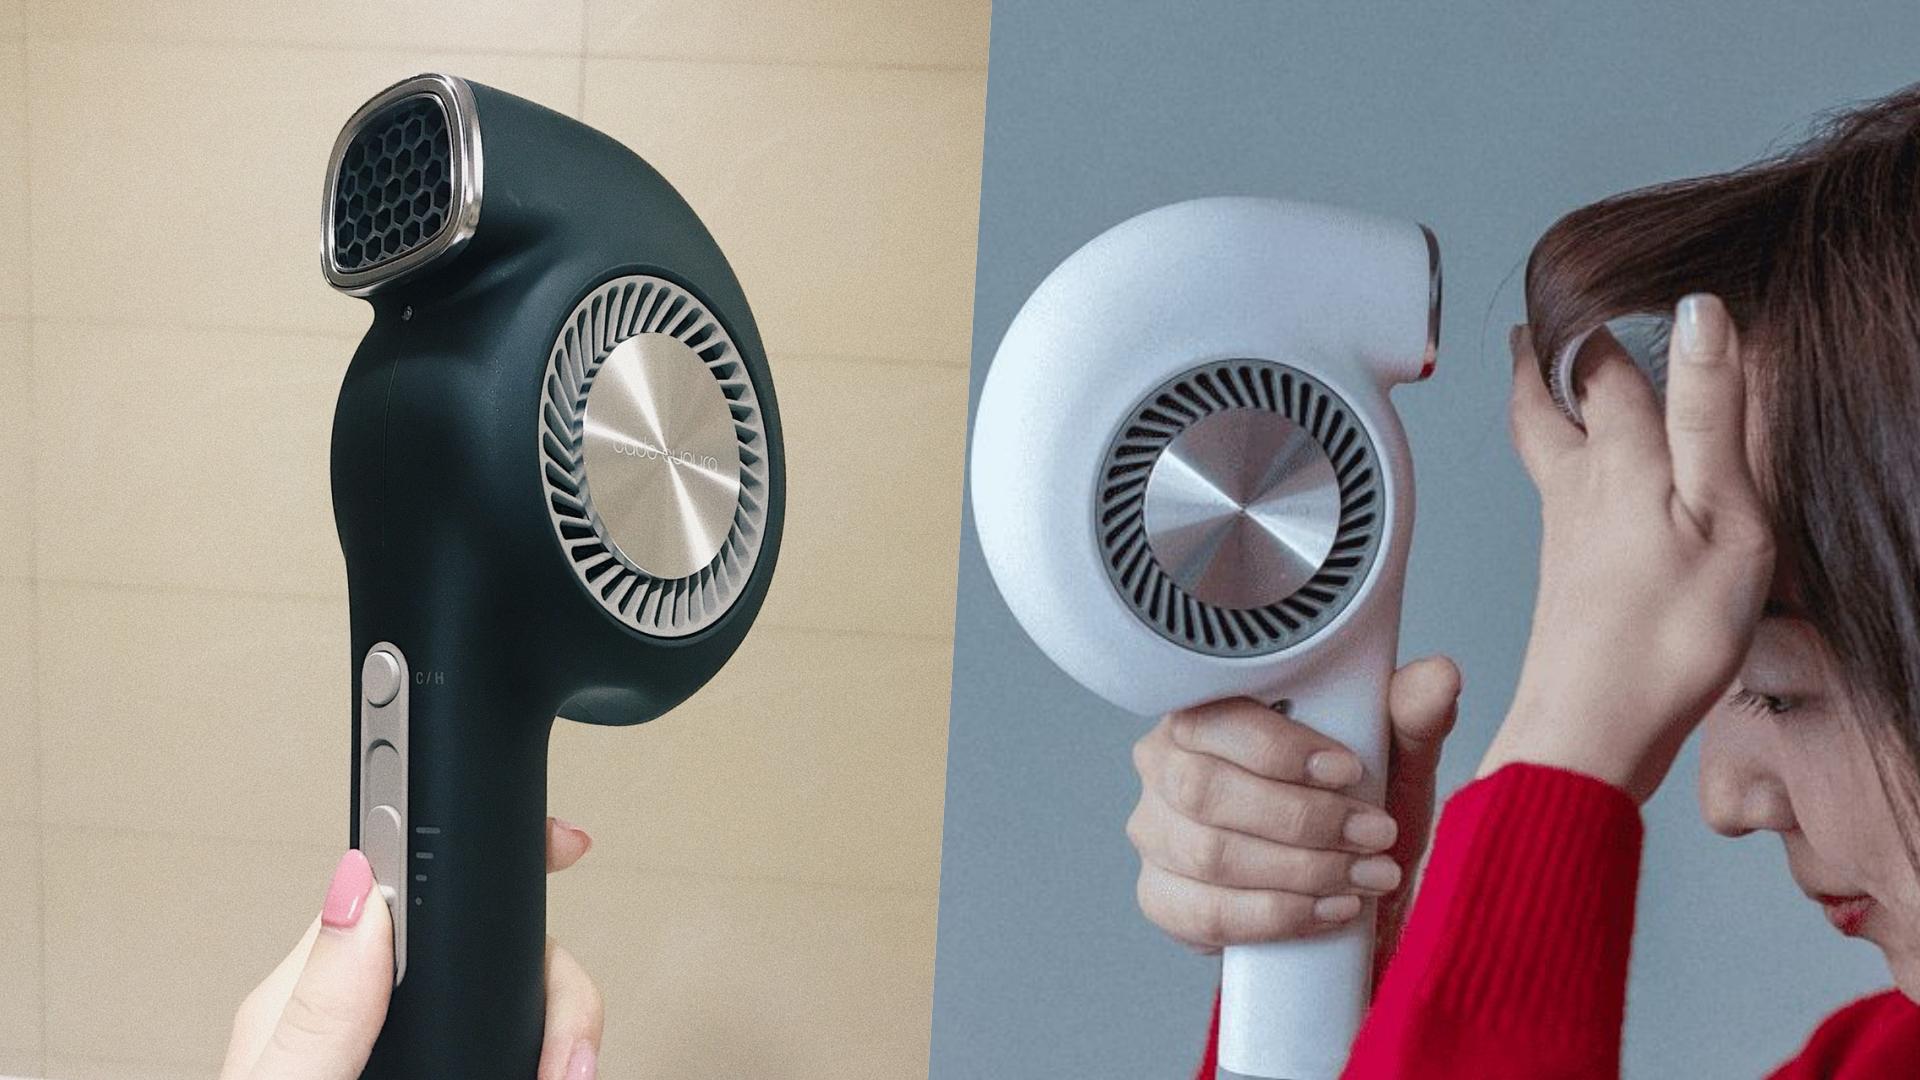 使用三重水潤技術,將風質、風量、風溫都達到最佳狀態,能夠快速吹乾頭髮卻不傷害髮質。CADO cuaura BD-E1 無風筒吹風機